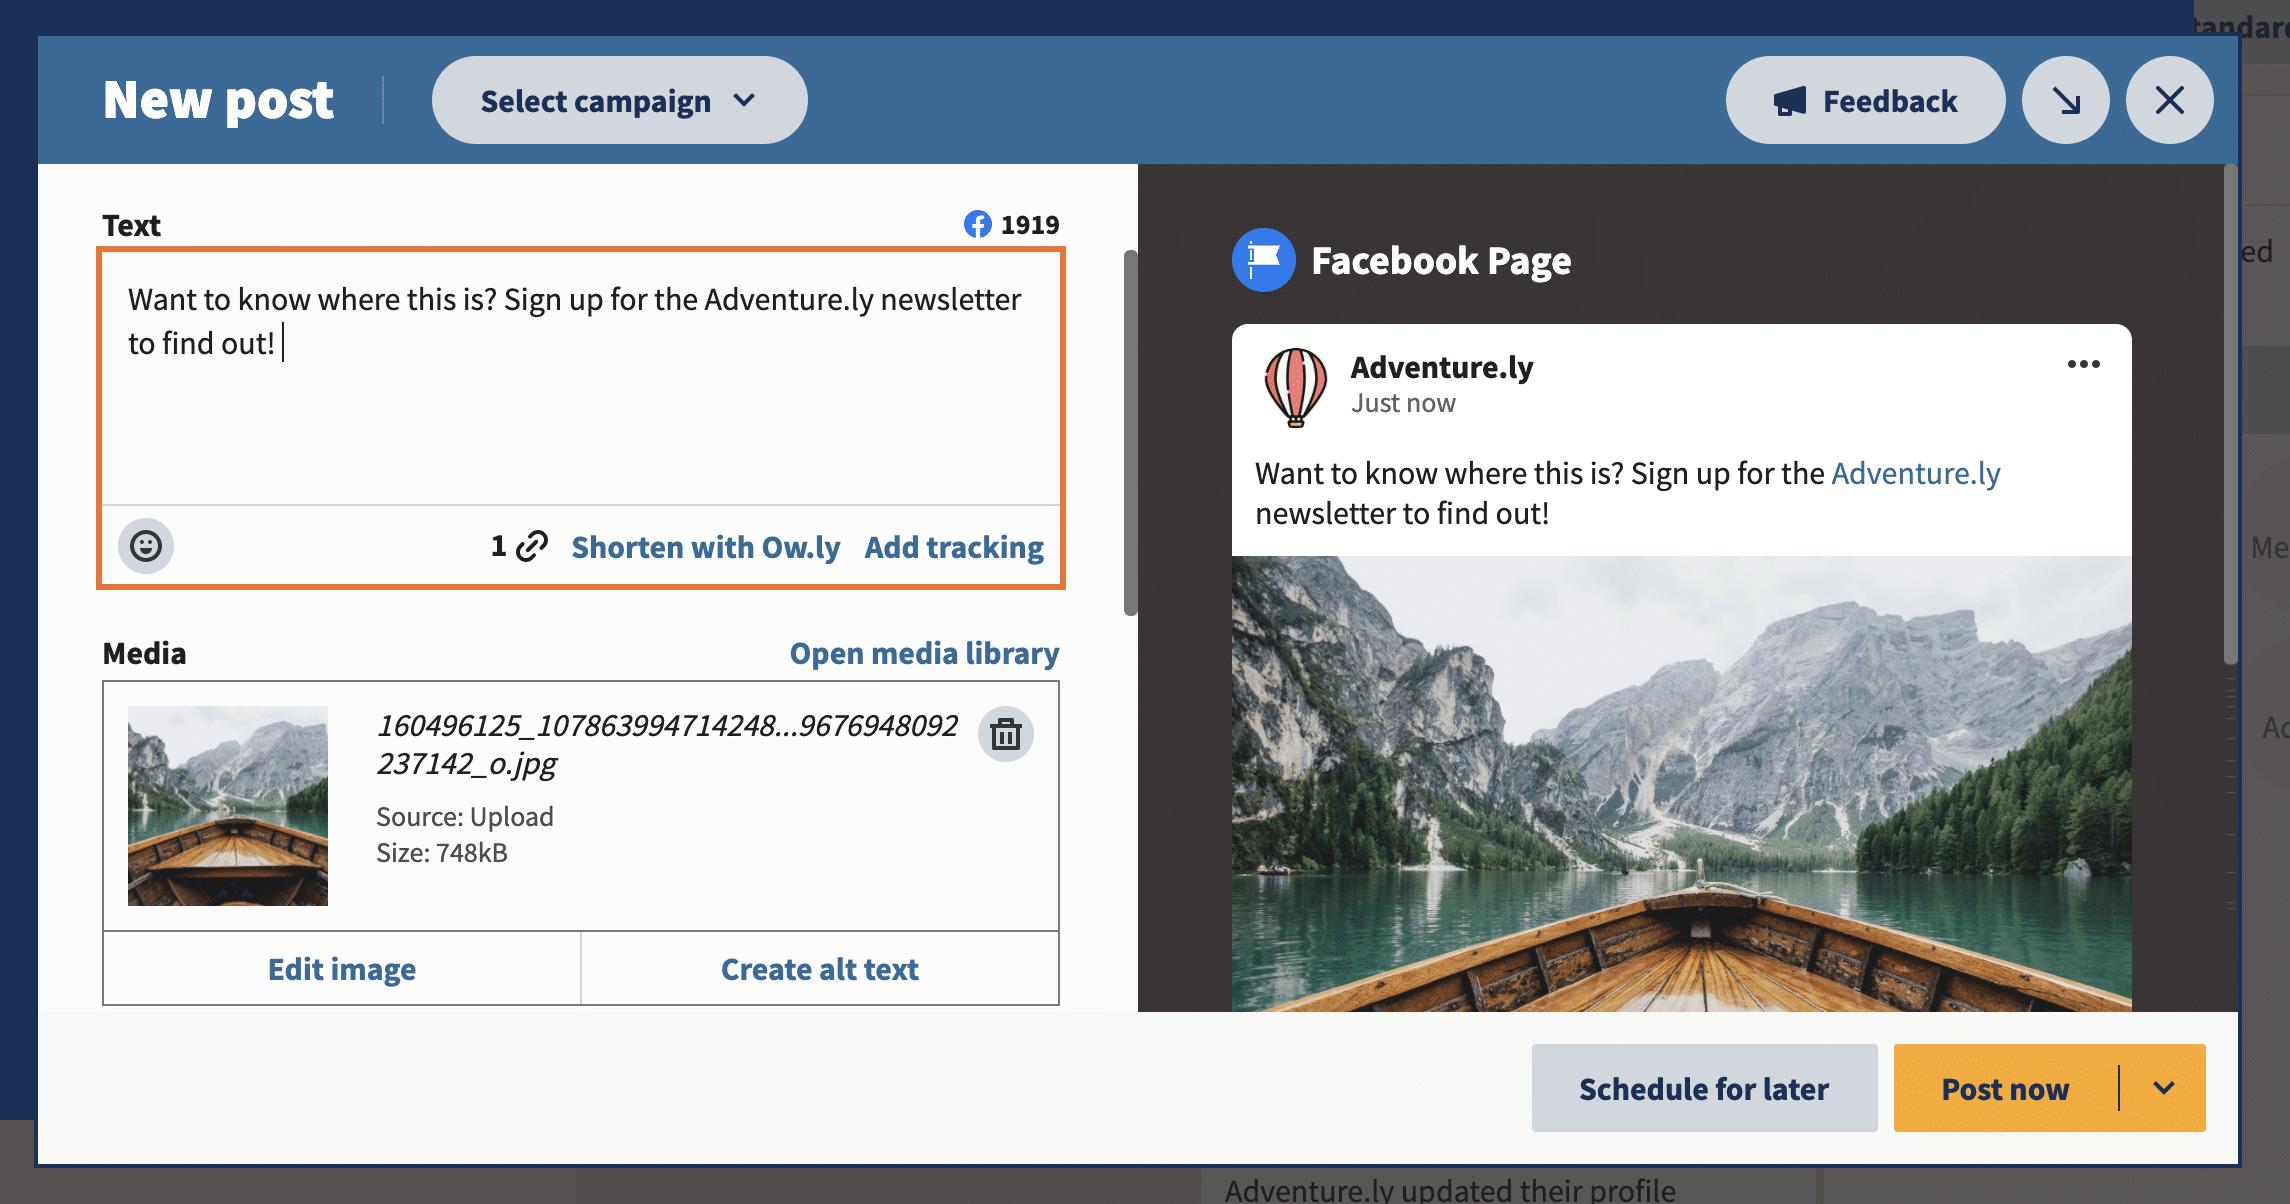 создать сообщение с текстовым изображением и ссылкой